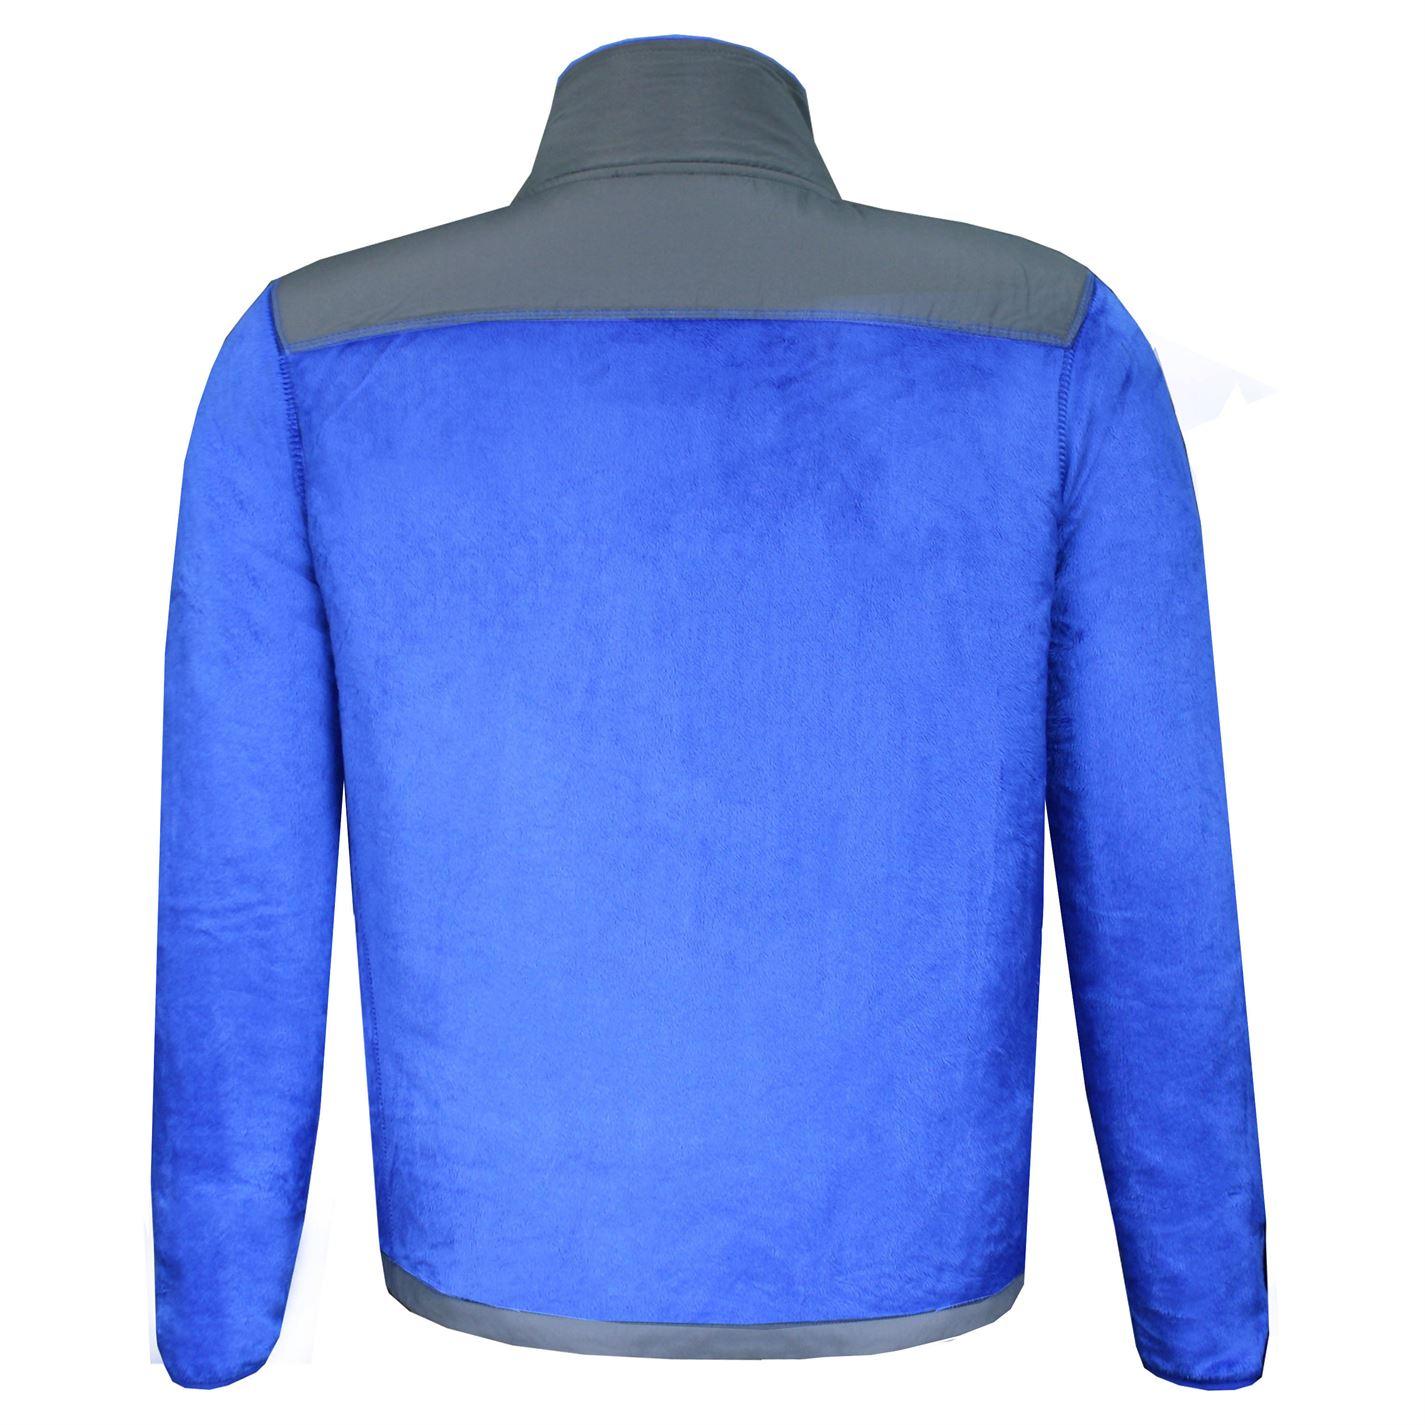 Lee-Cooper-Mens-Teddy-Fleece-Jacket-Full-Zip-Top-Coat-Sweatshirt-Jumper-Warm thumbnail 20